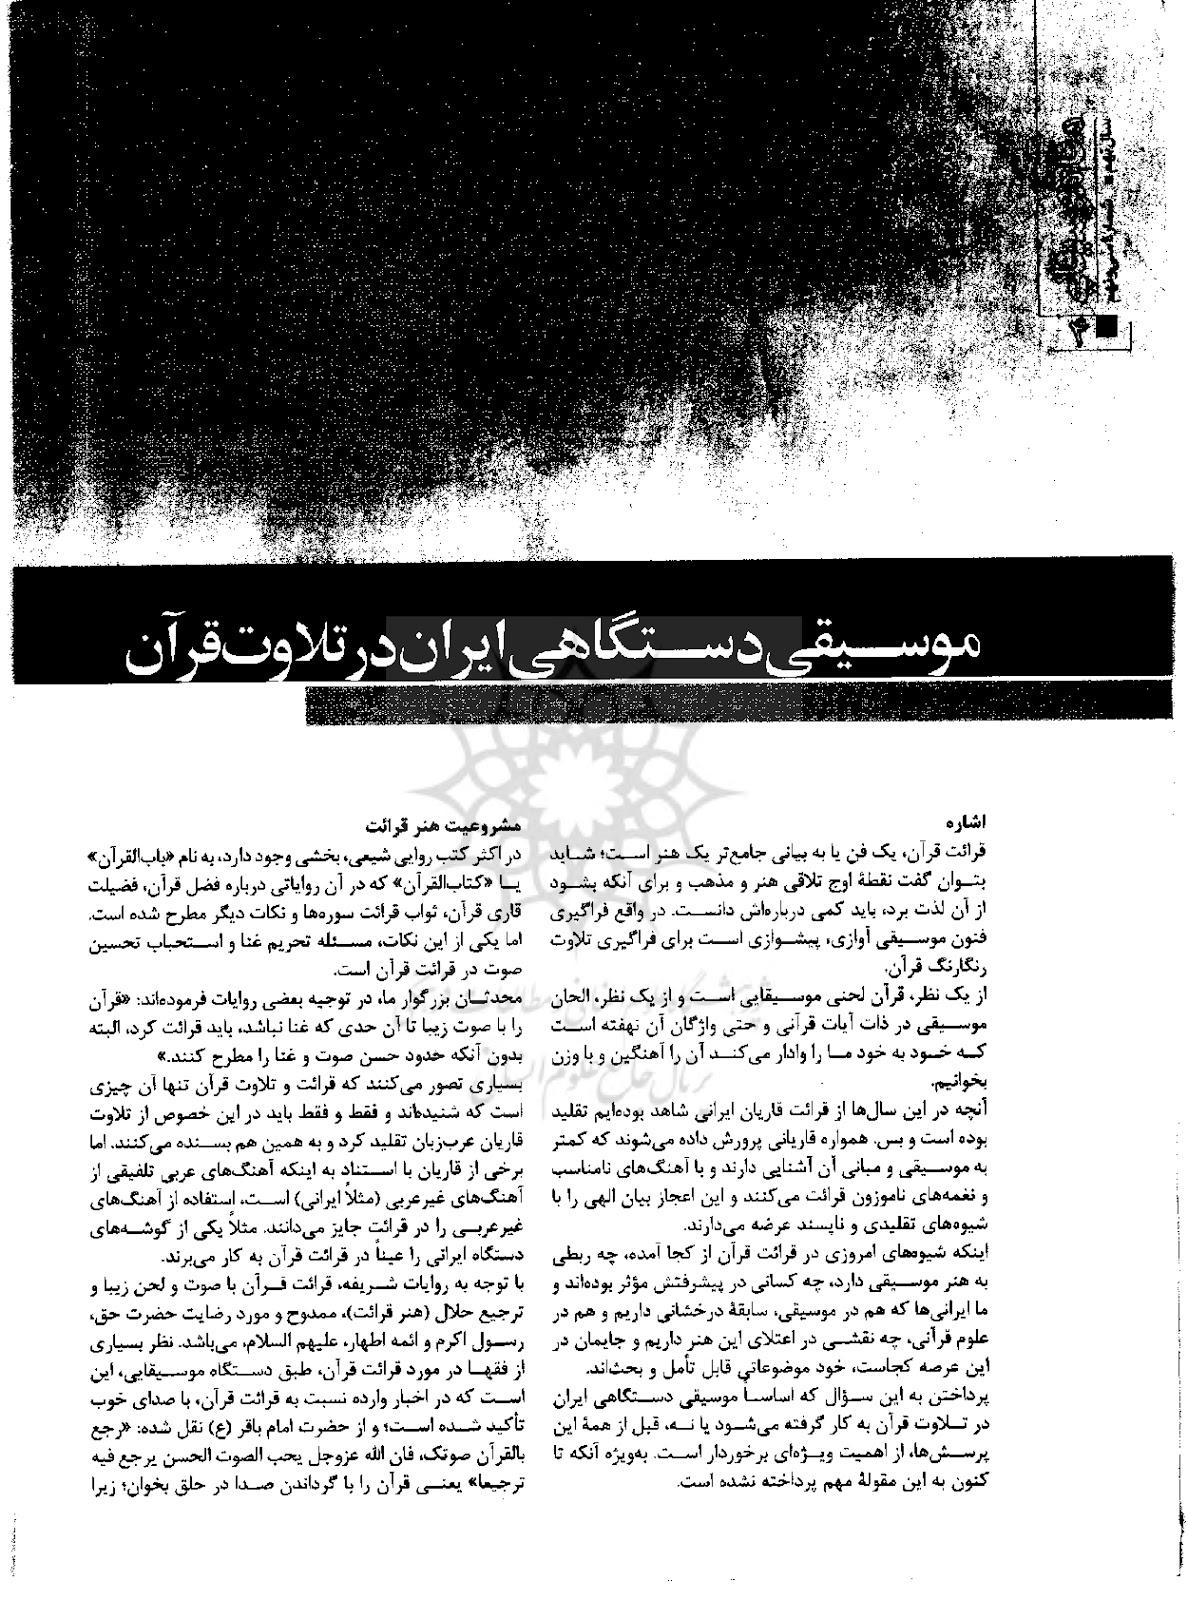 دانلود پیدیاف مقالهی موسیقی دستگاهی ایران در تلاوت قرآن